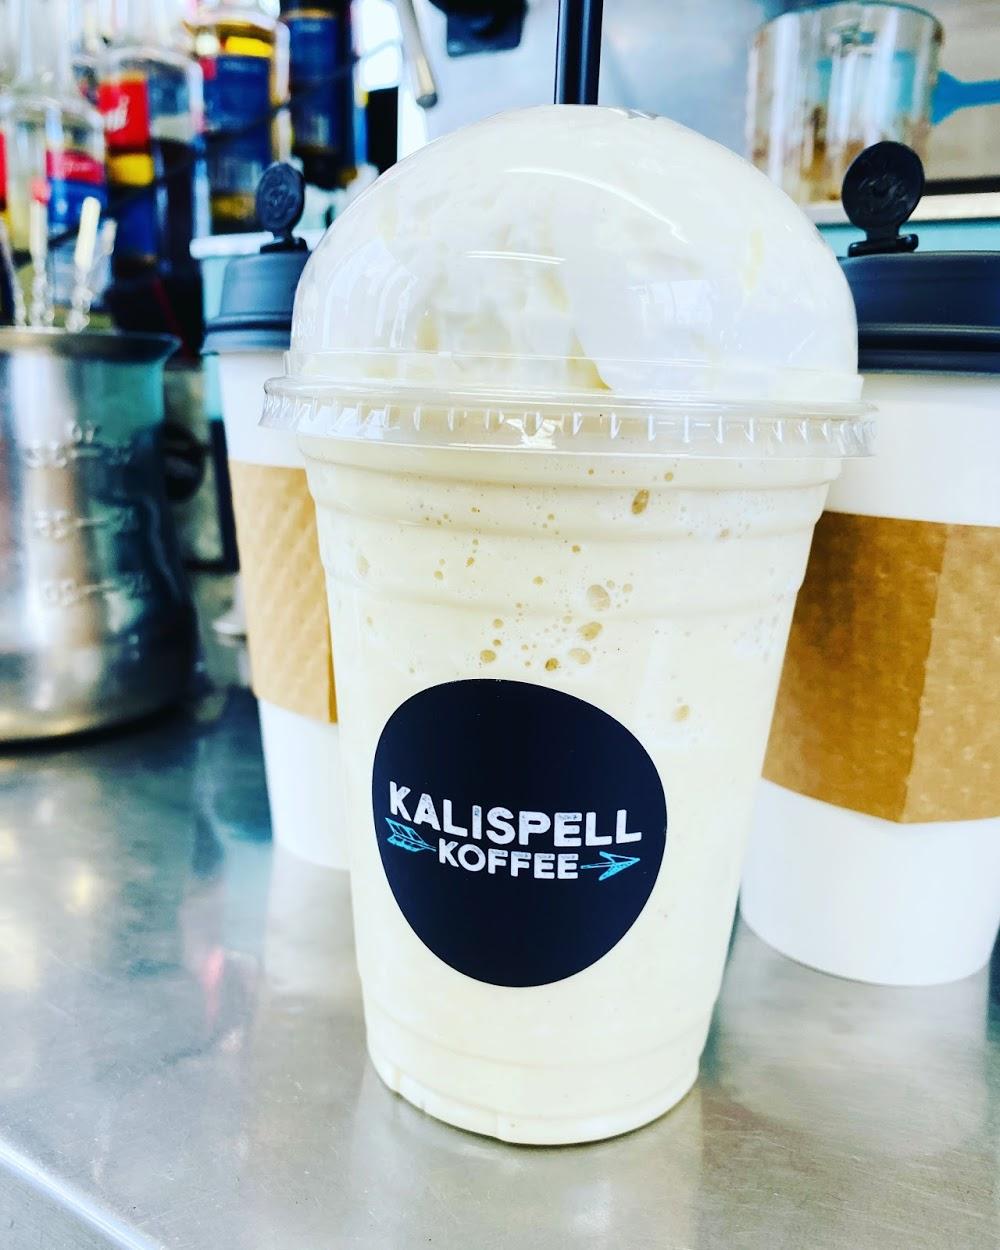 Kalispell Koffee